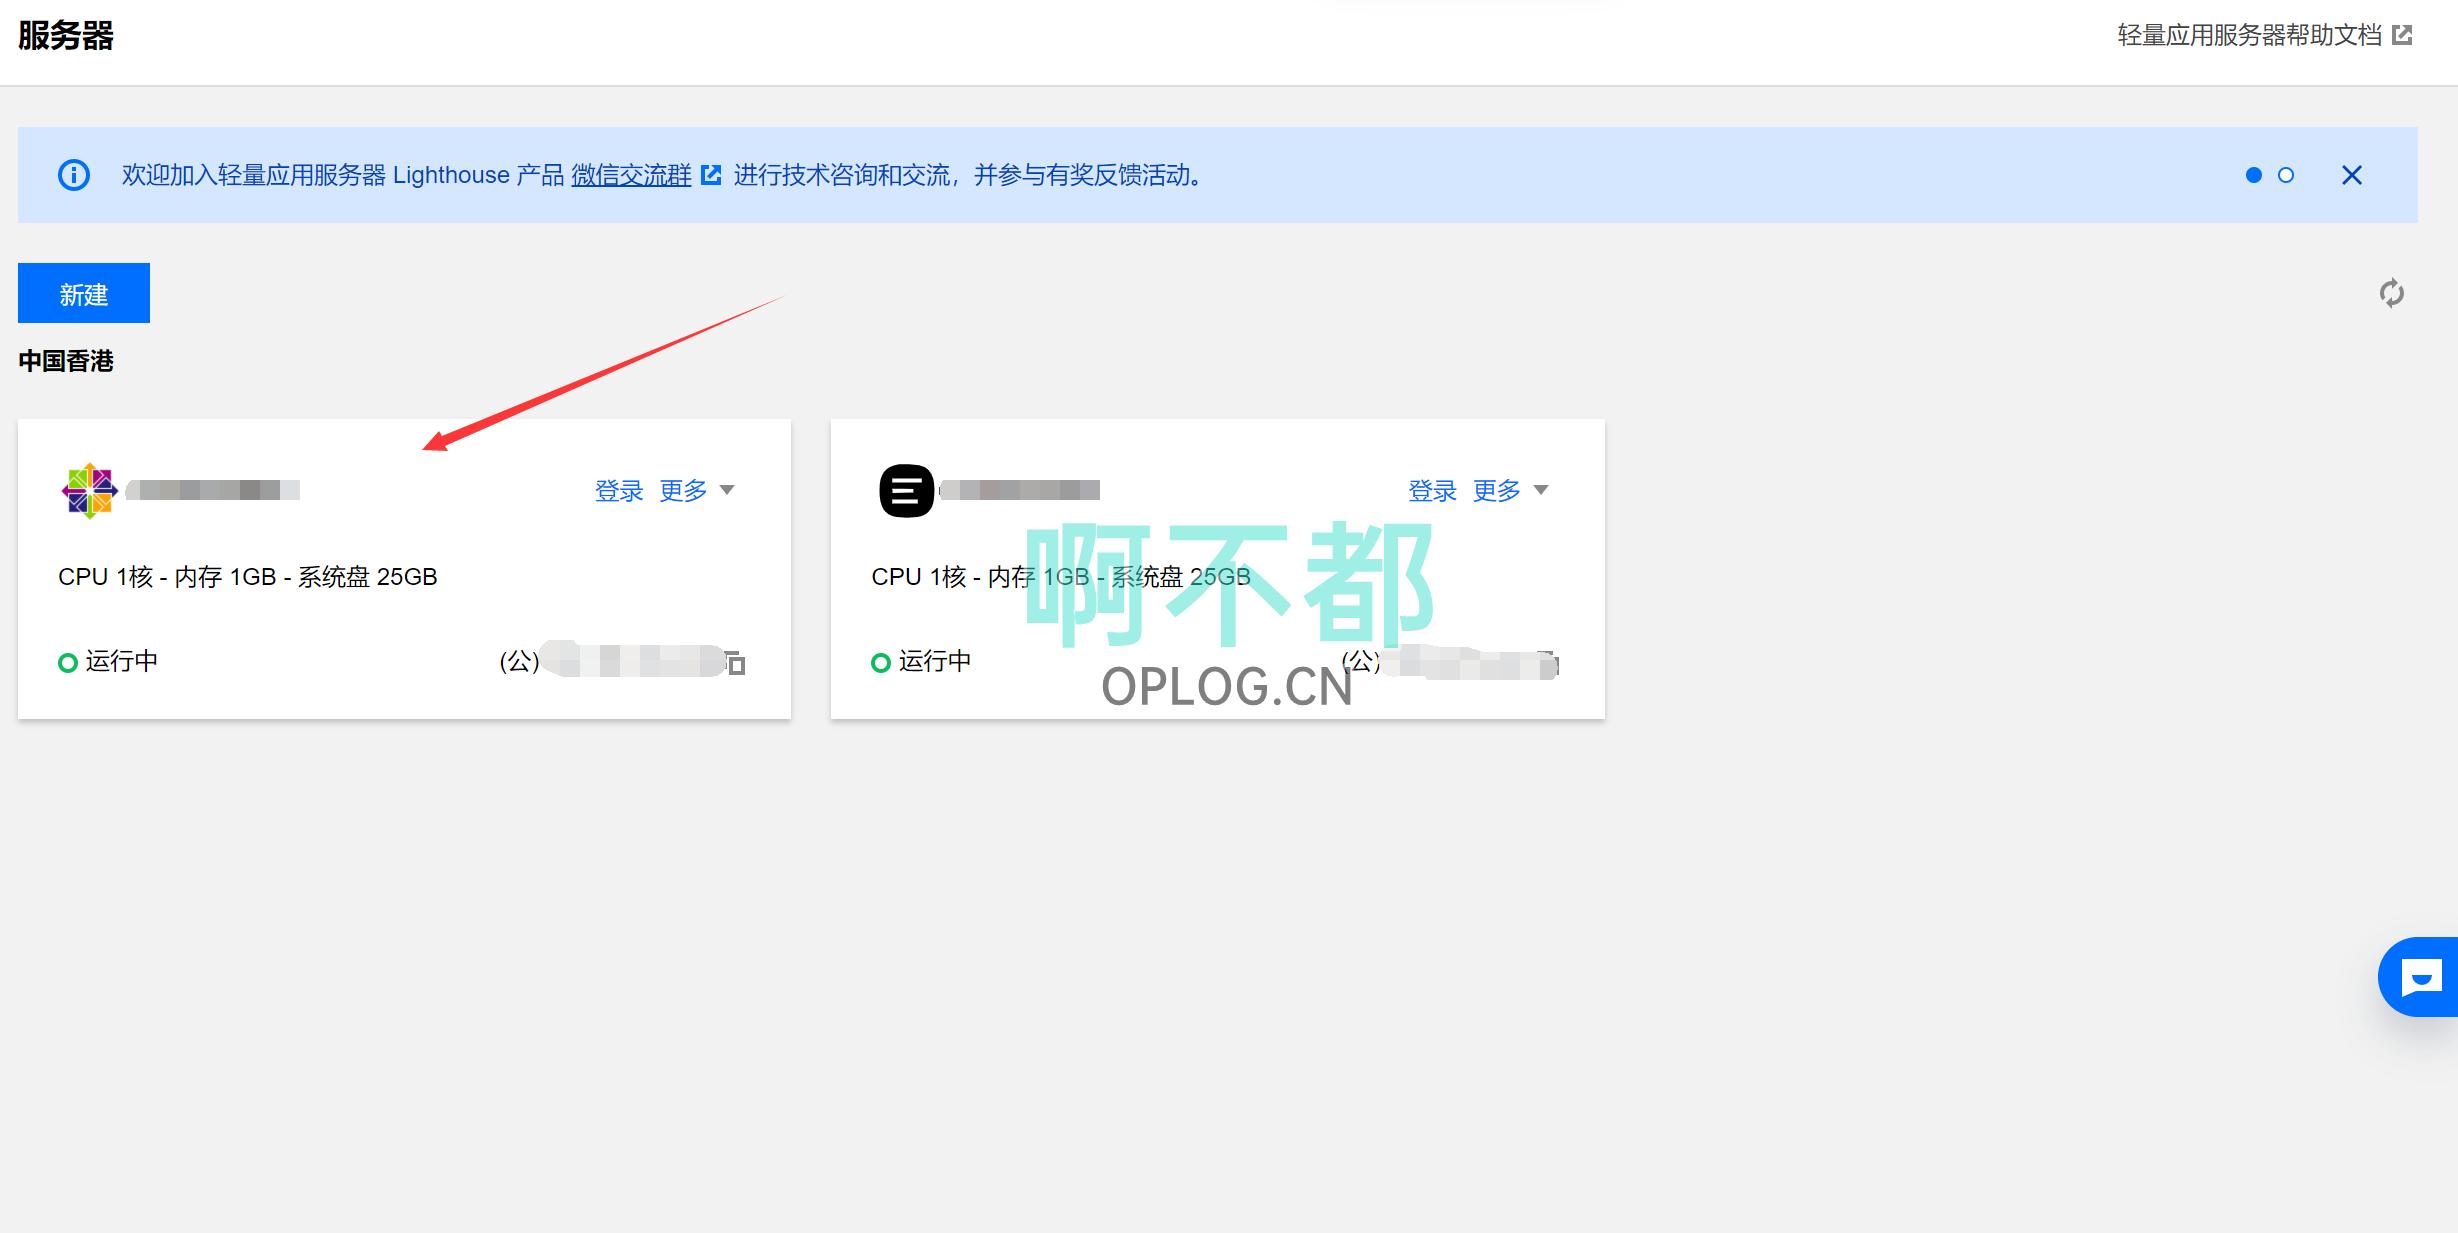 腾讯云轻量应用服务器一键安装Typecho方法及测试